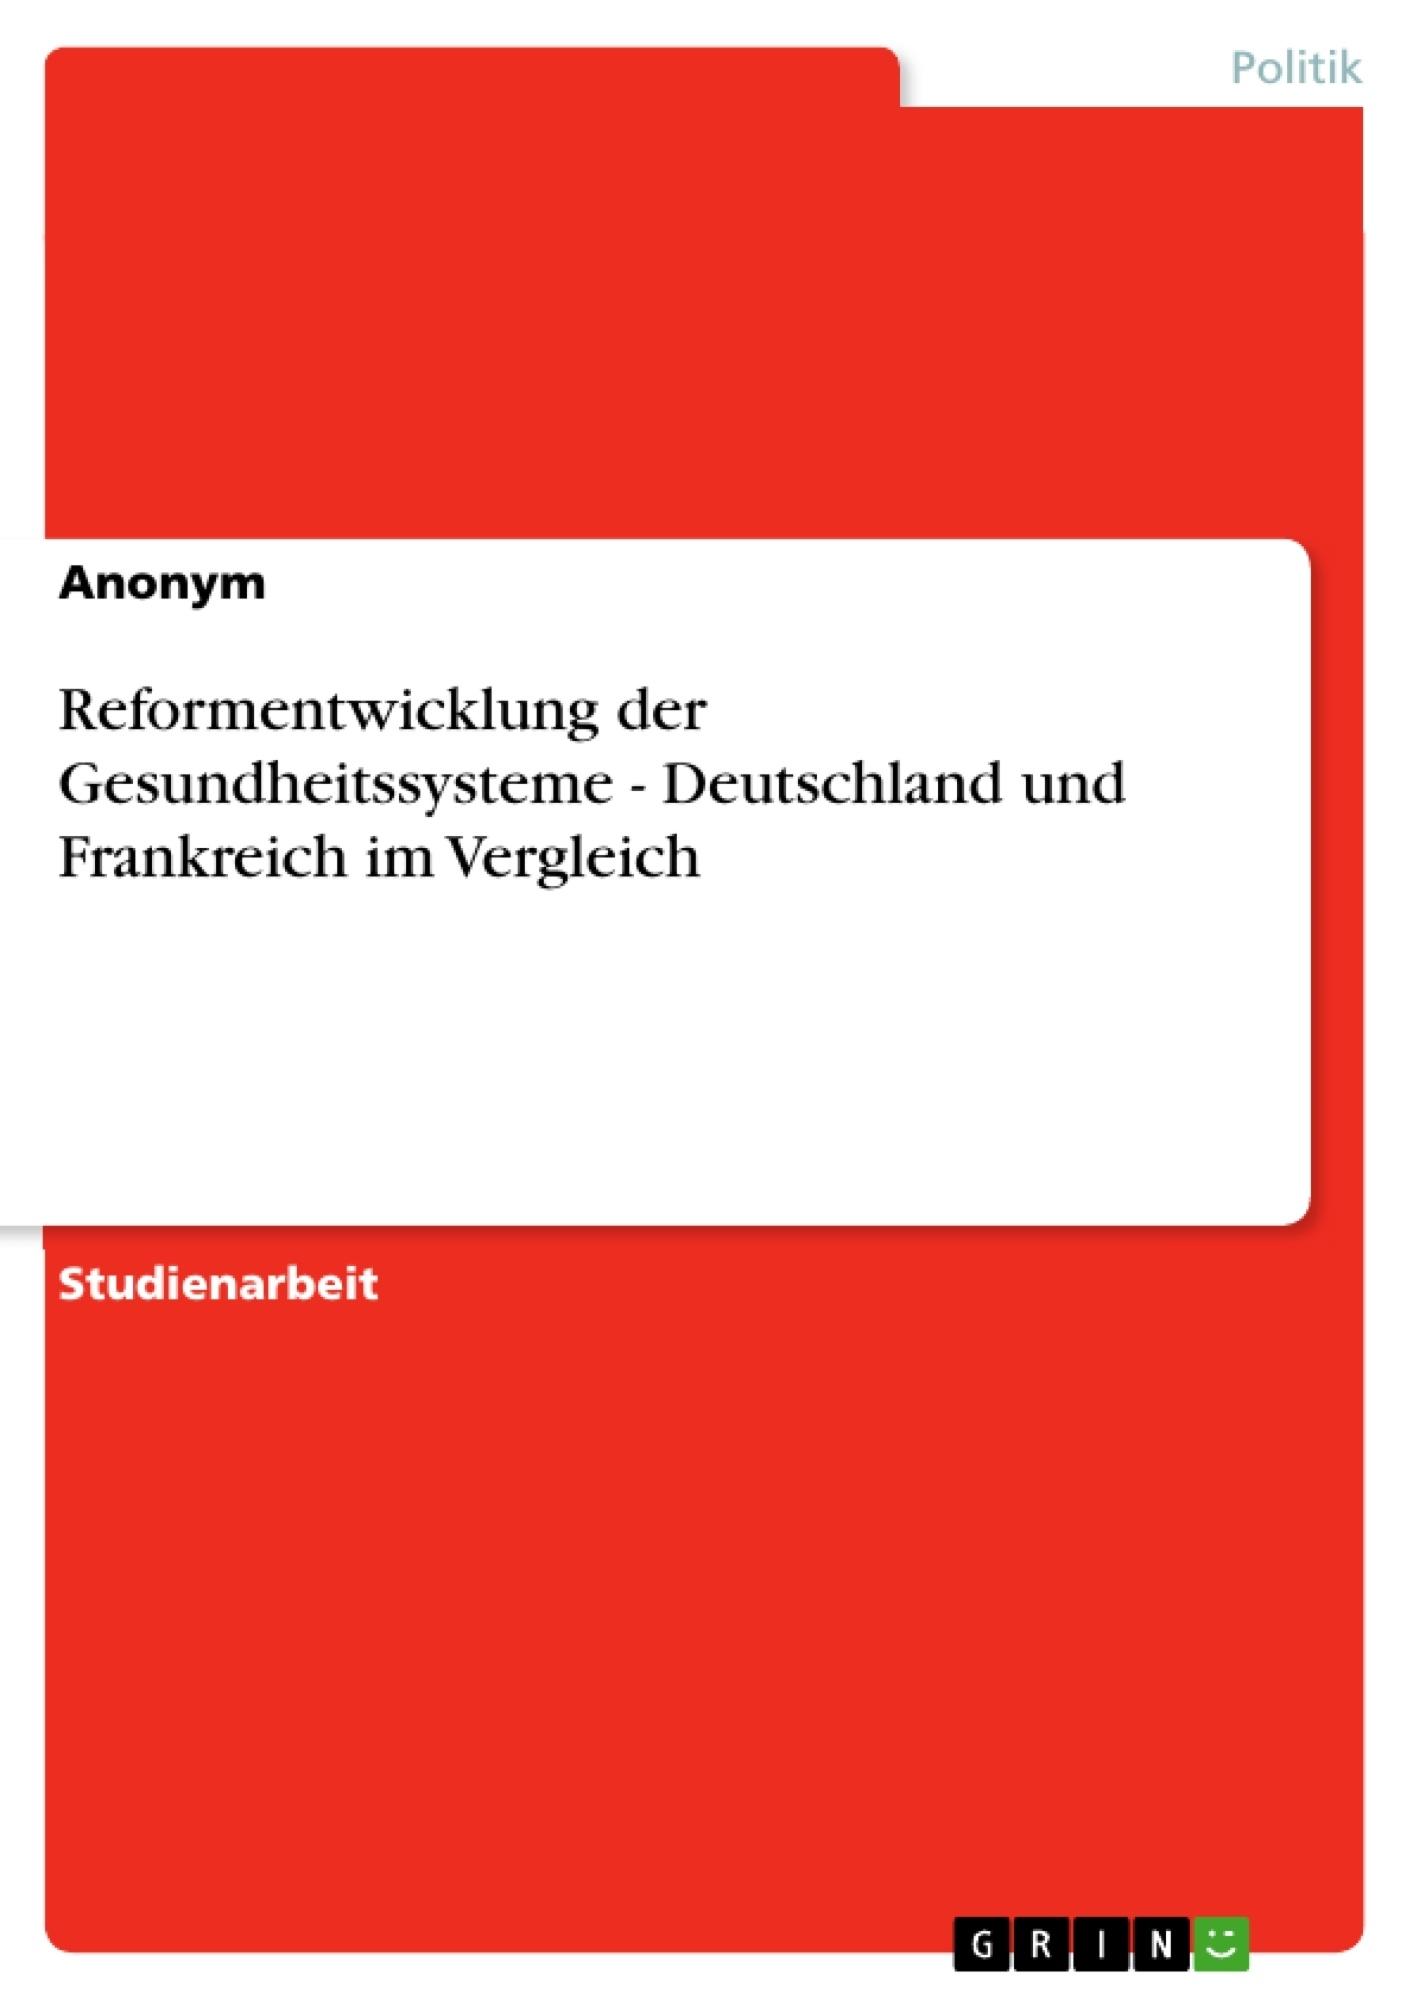 Titel: Reformentwicklung der Gesundheitssysteme - Deutschland und Frankreich im Vergleich